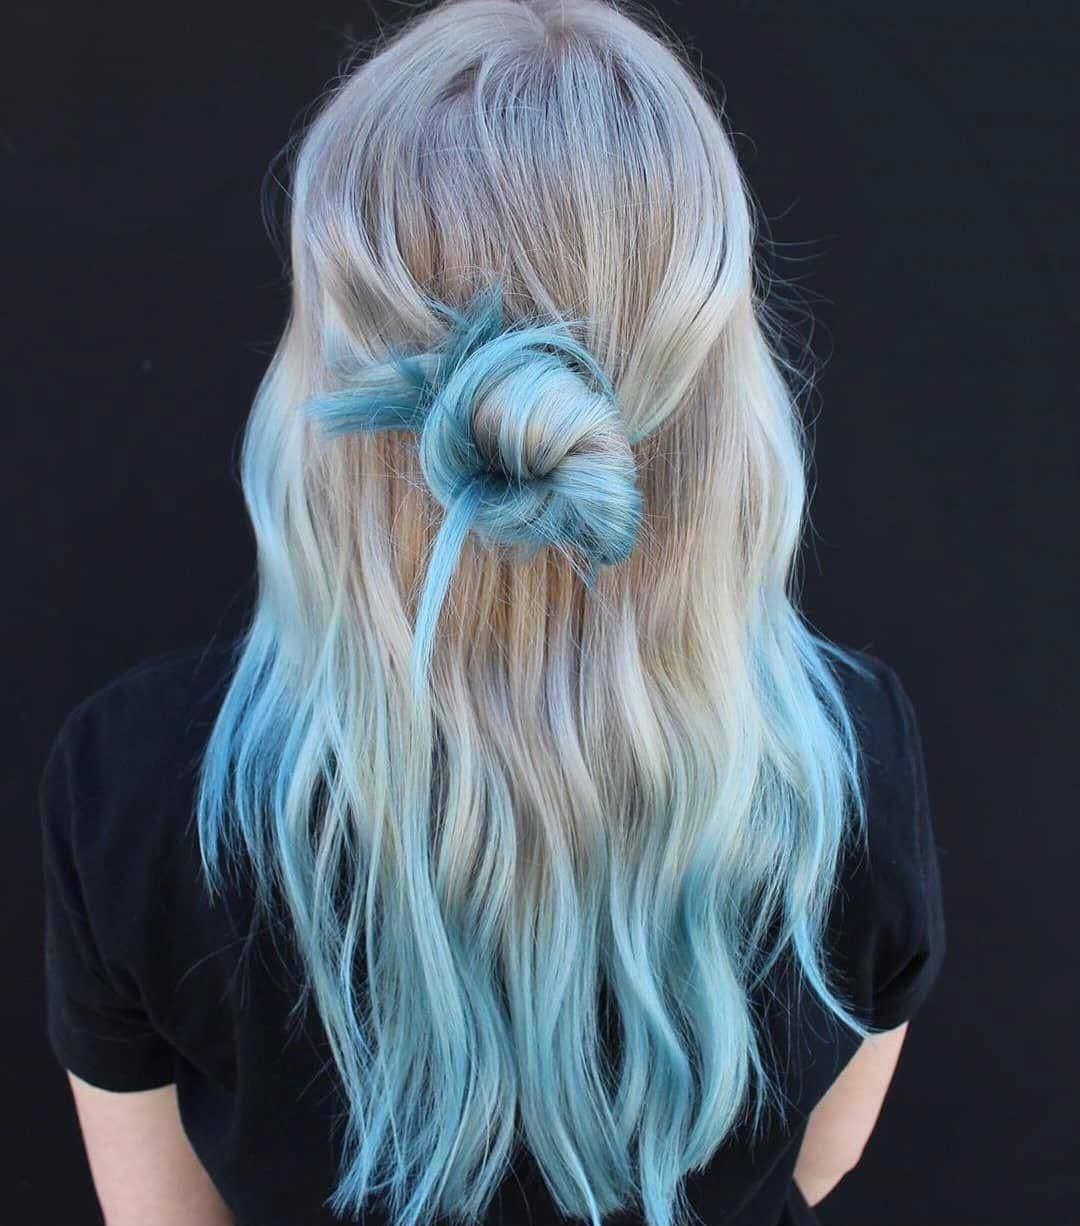 Kiểu tóc ngang lưng uốn dài quyến rũ